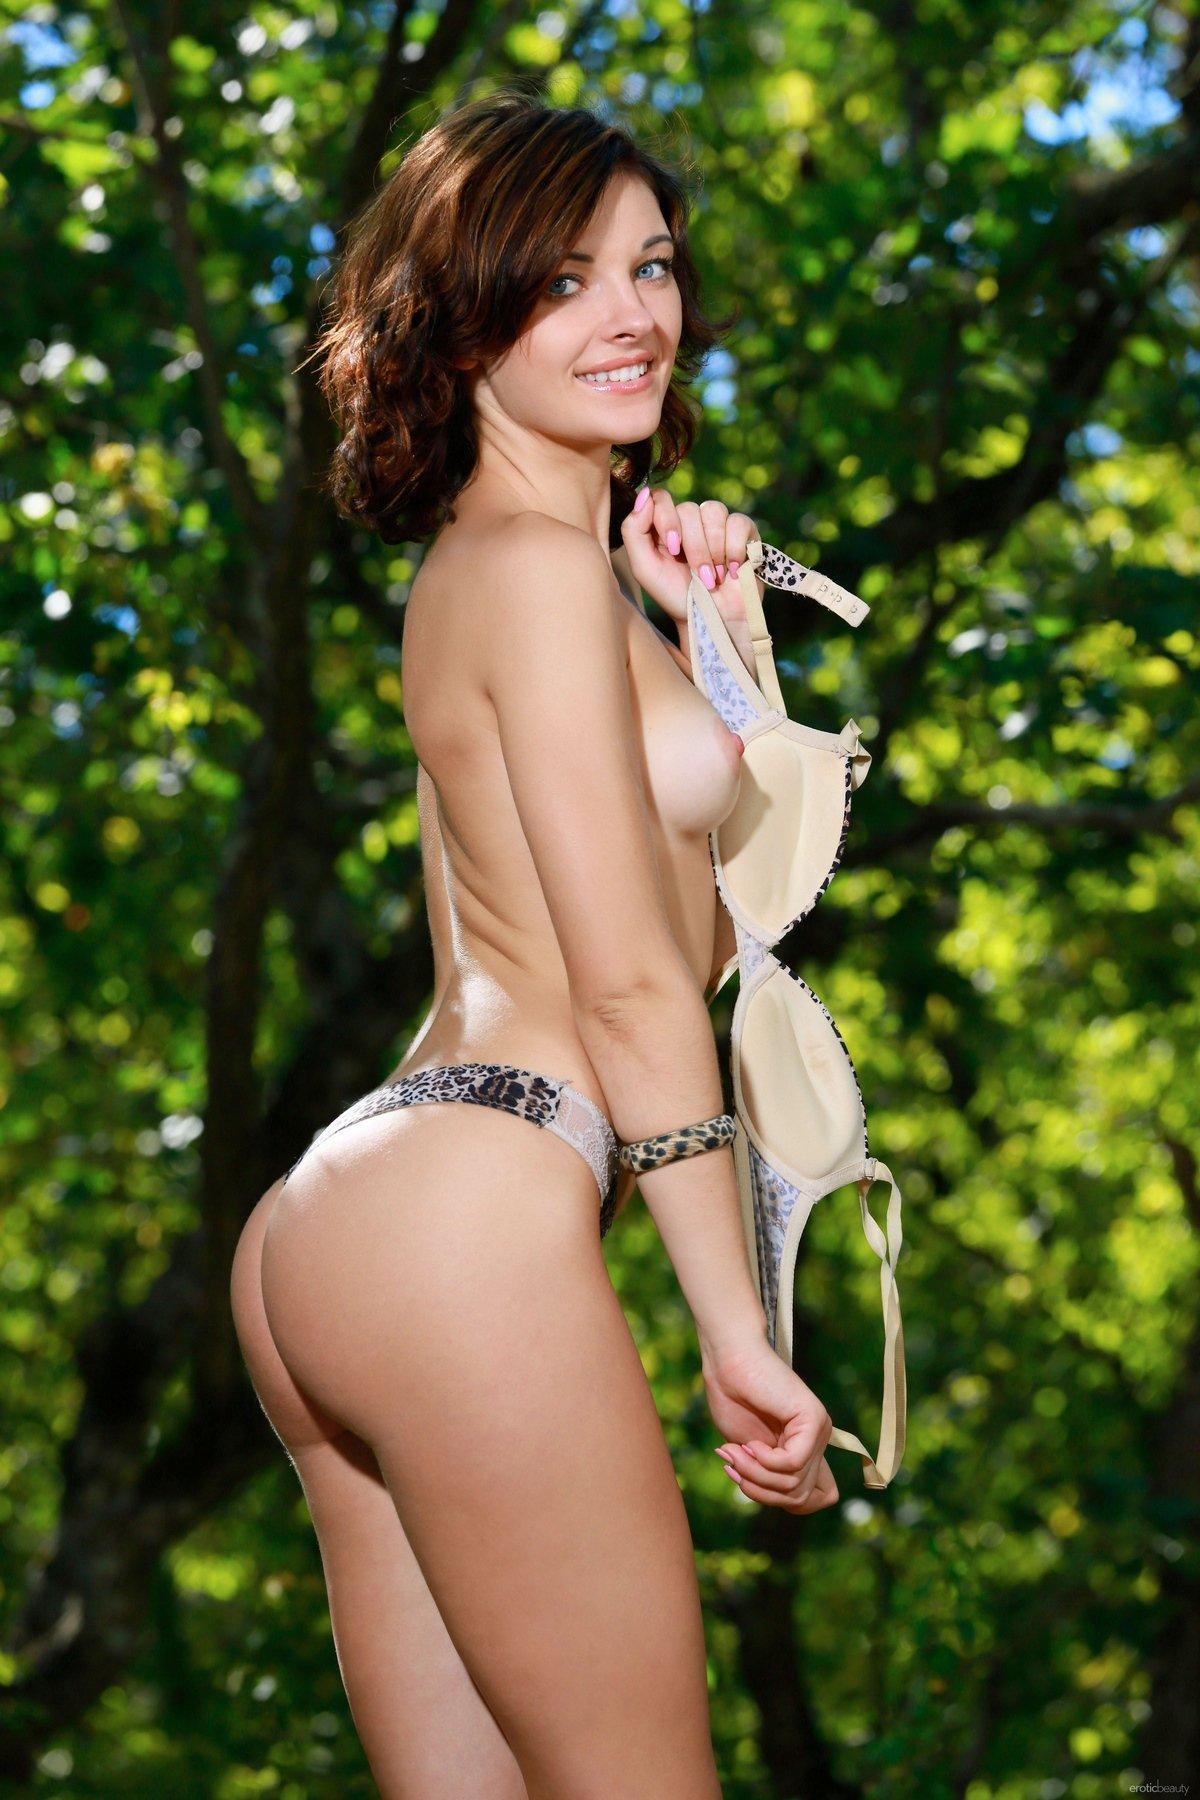 Ню красивой девушки в леопардовом купальнике